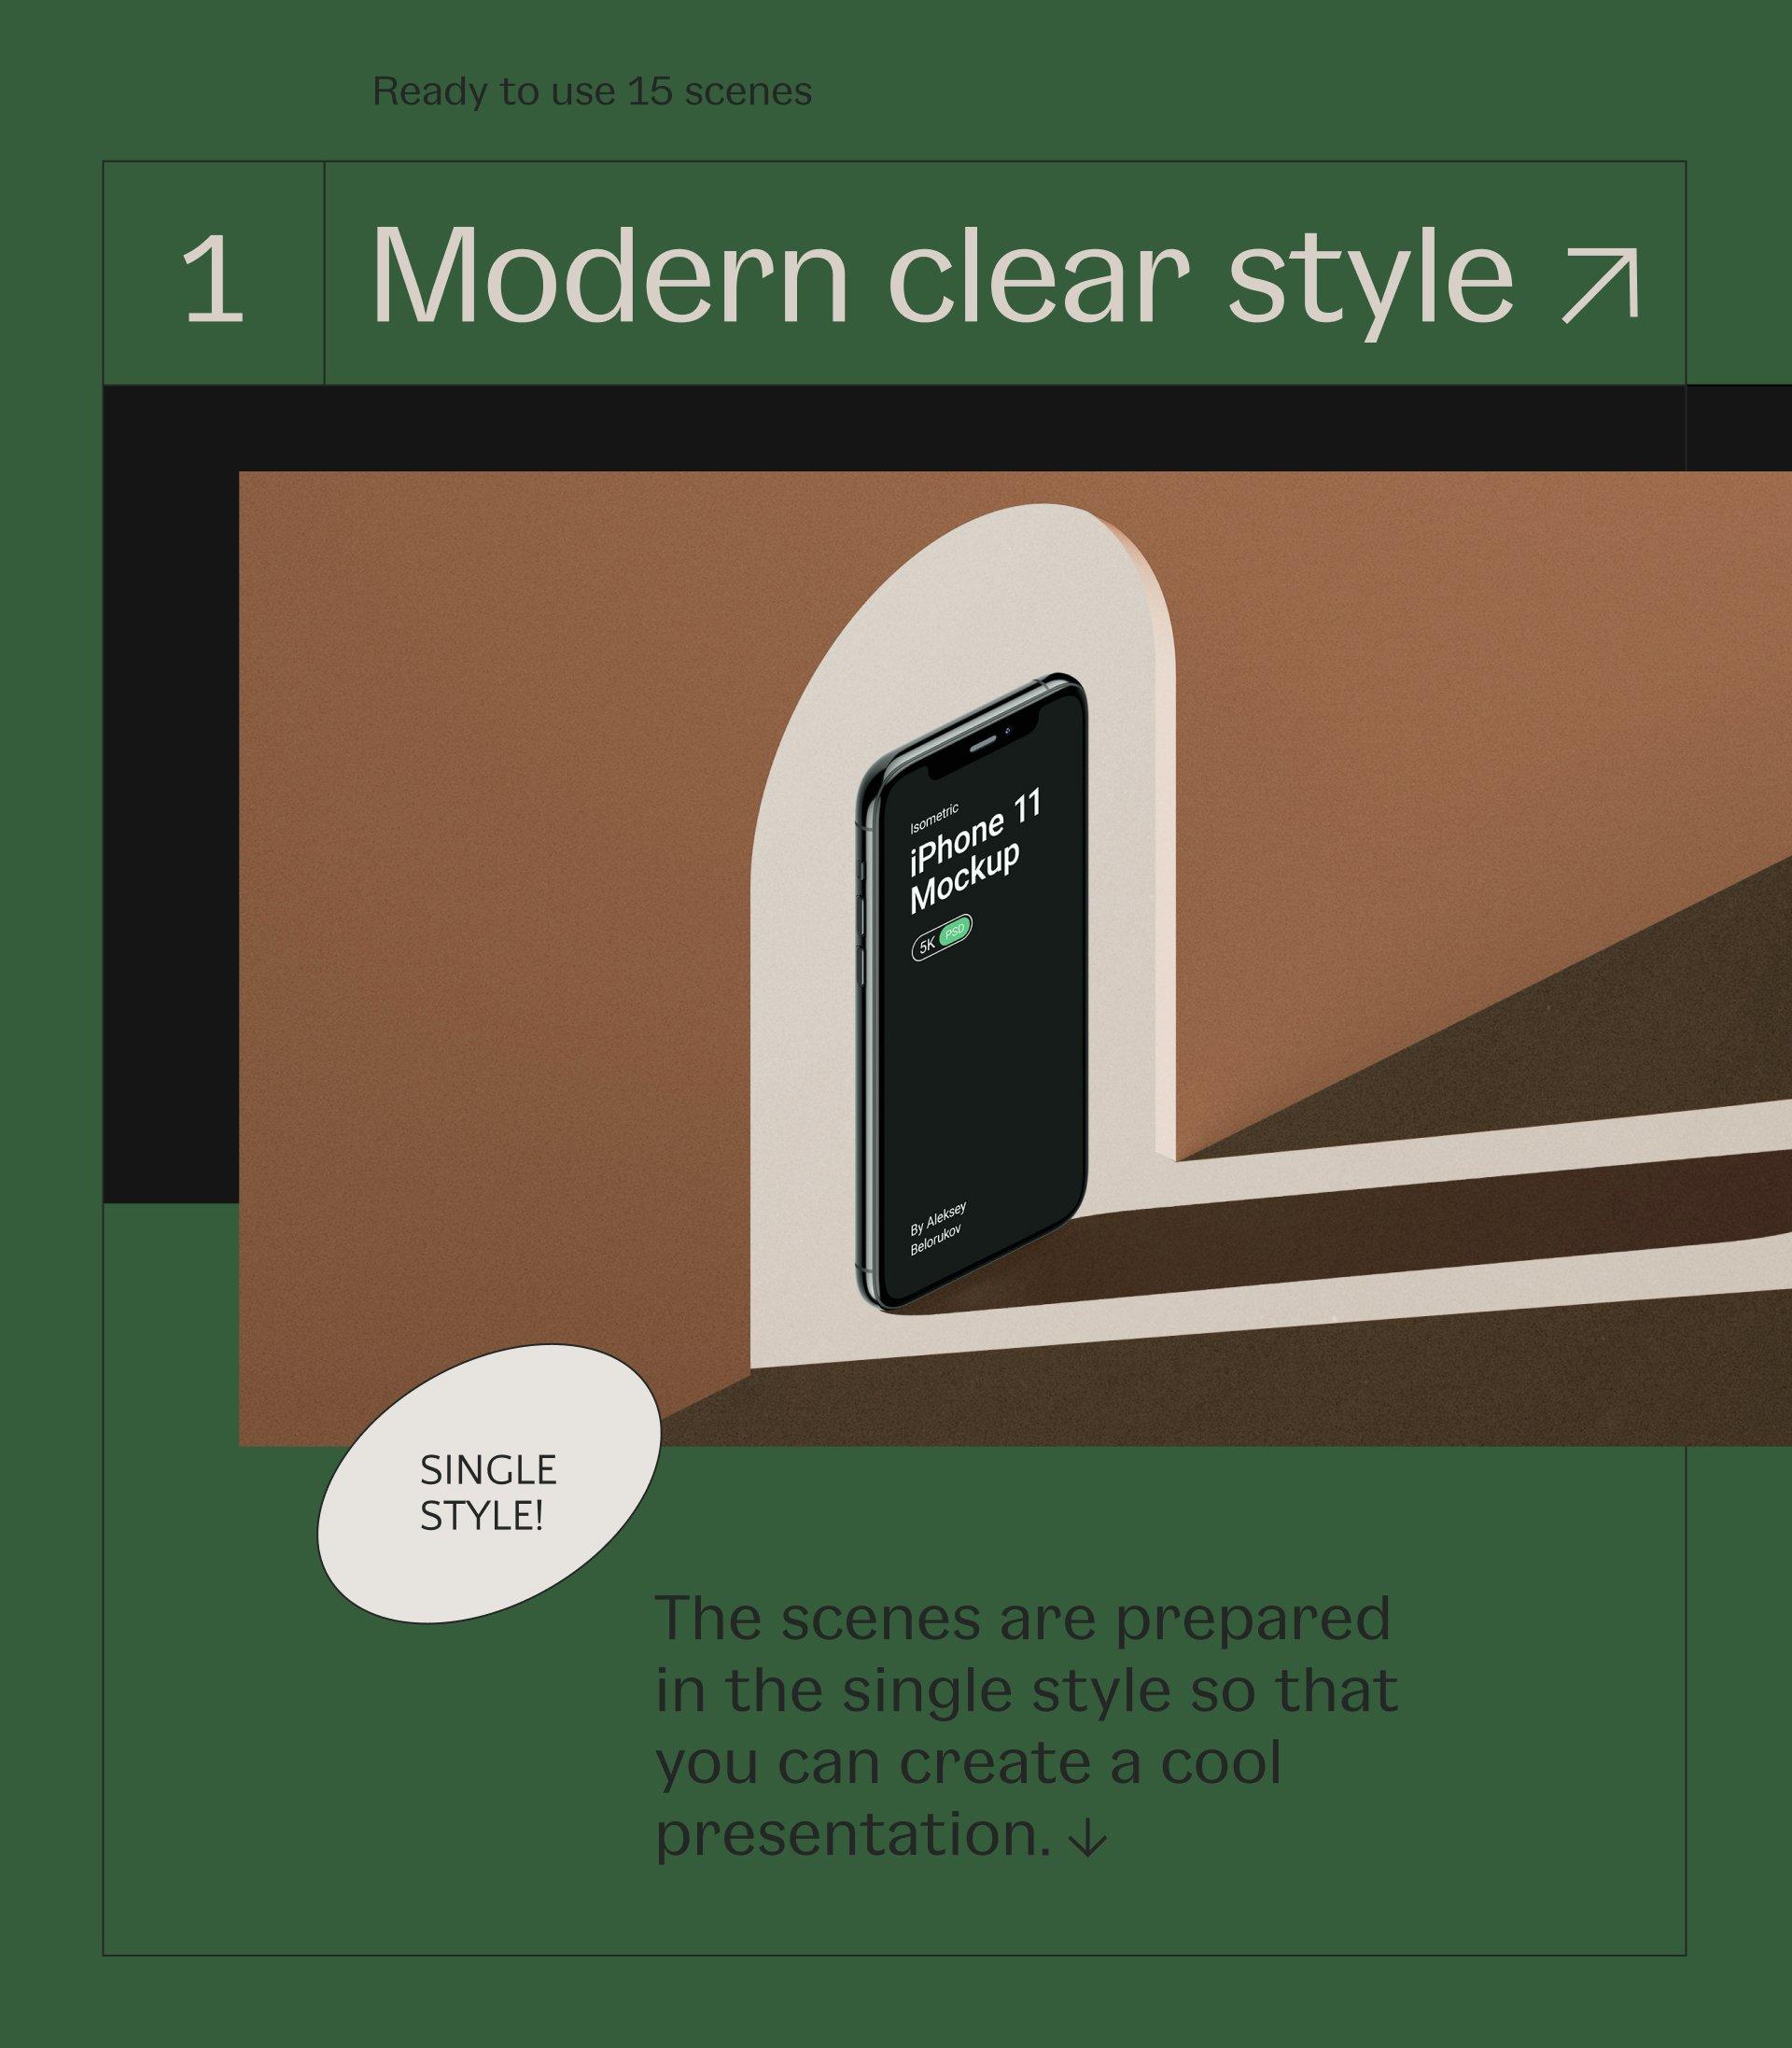 [单独购买] 16款时尚等距APP界面设计苹果设备屏幕演示场景样机模板套装 Device Pack Mockups – Isometric插图2